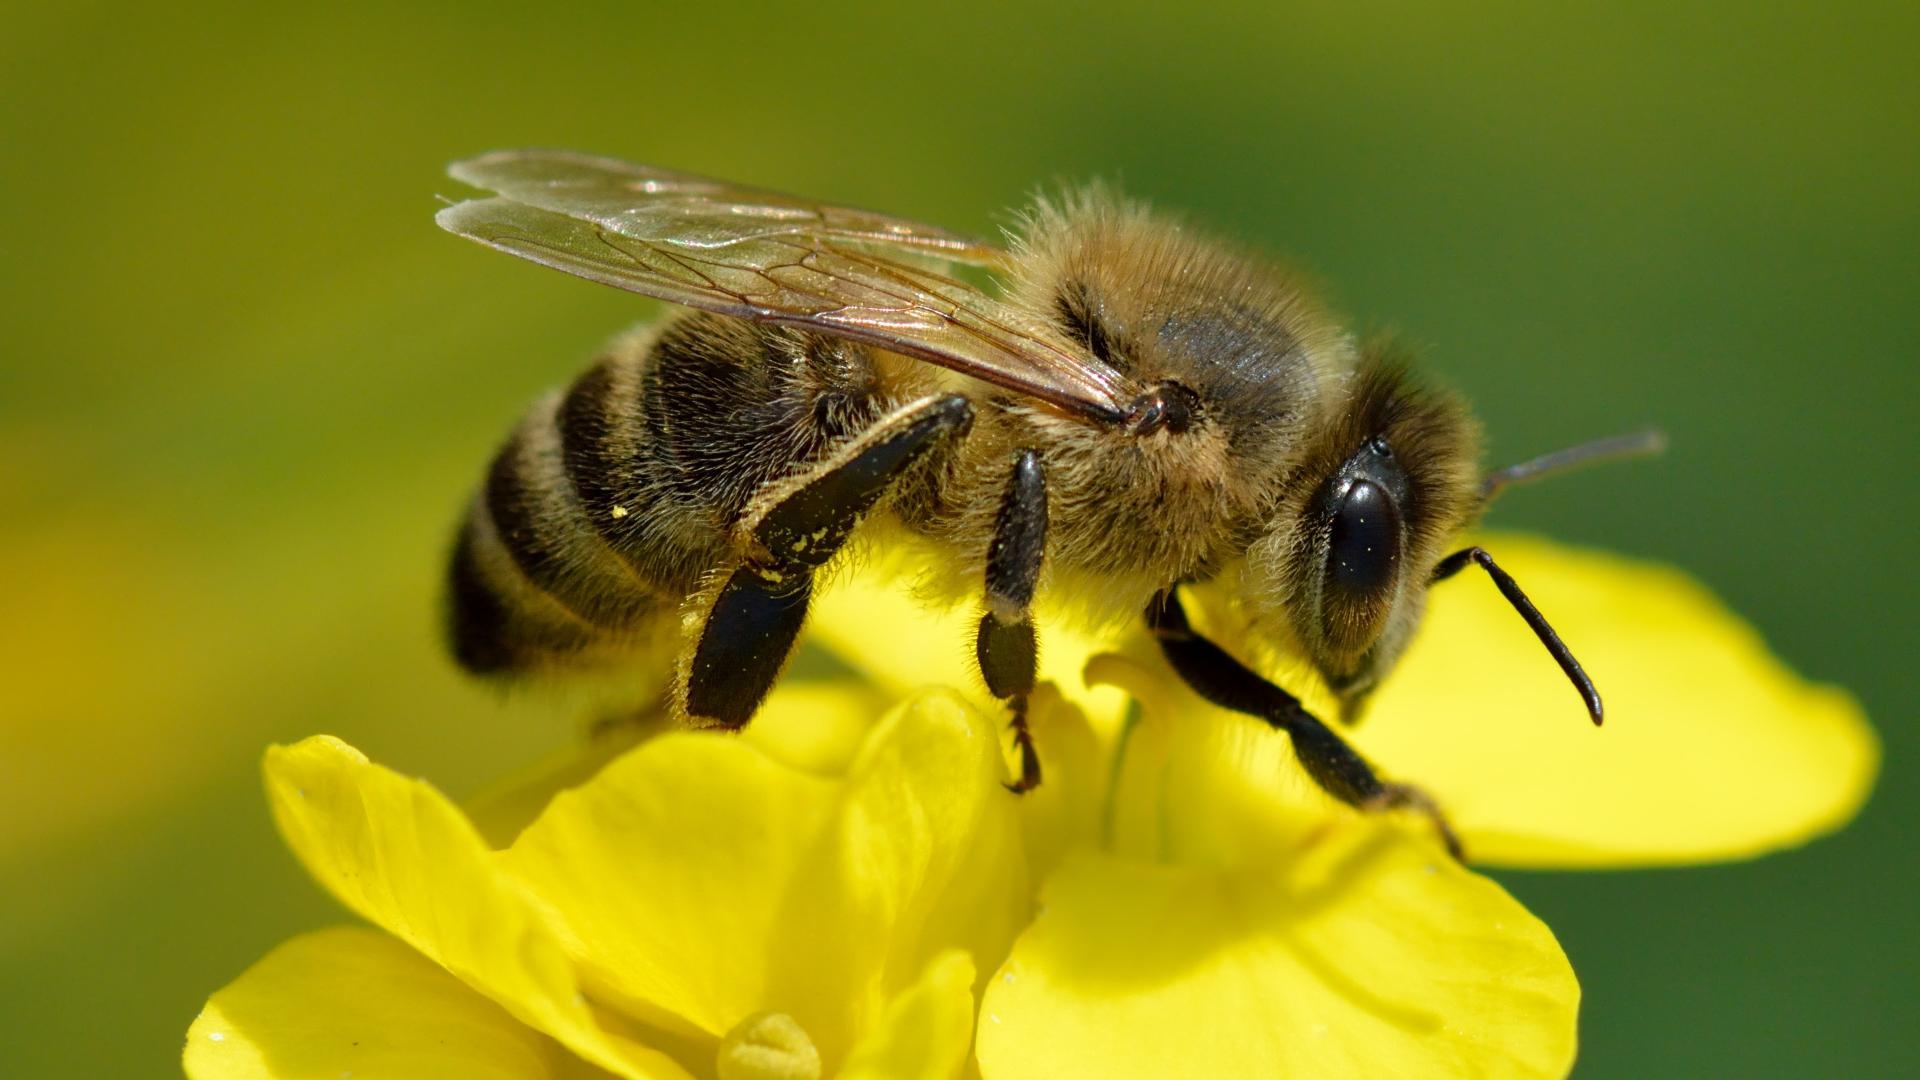 Одного грамма пестицида оказалось достаточно для опьянения 20 миллиардов пчел